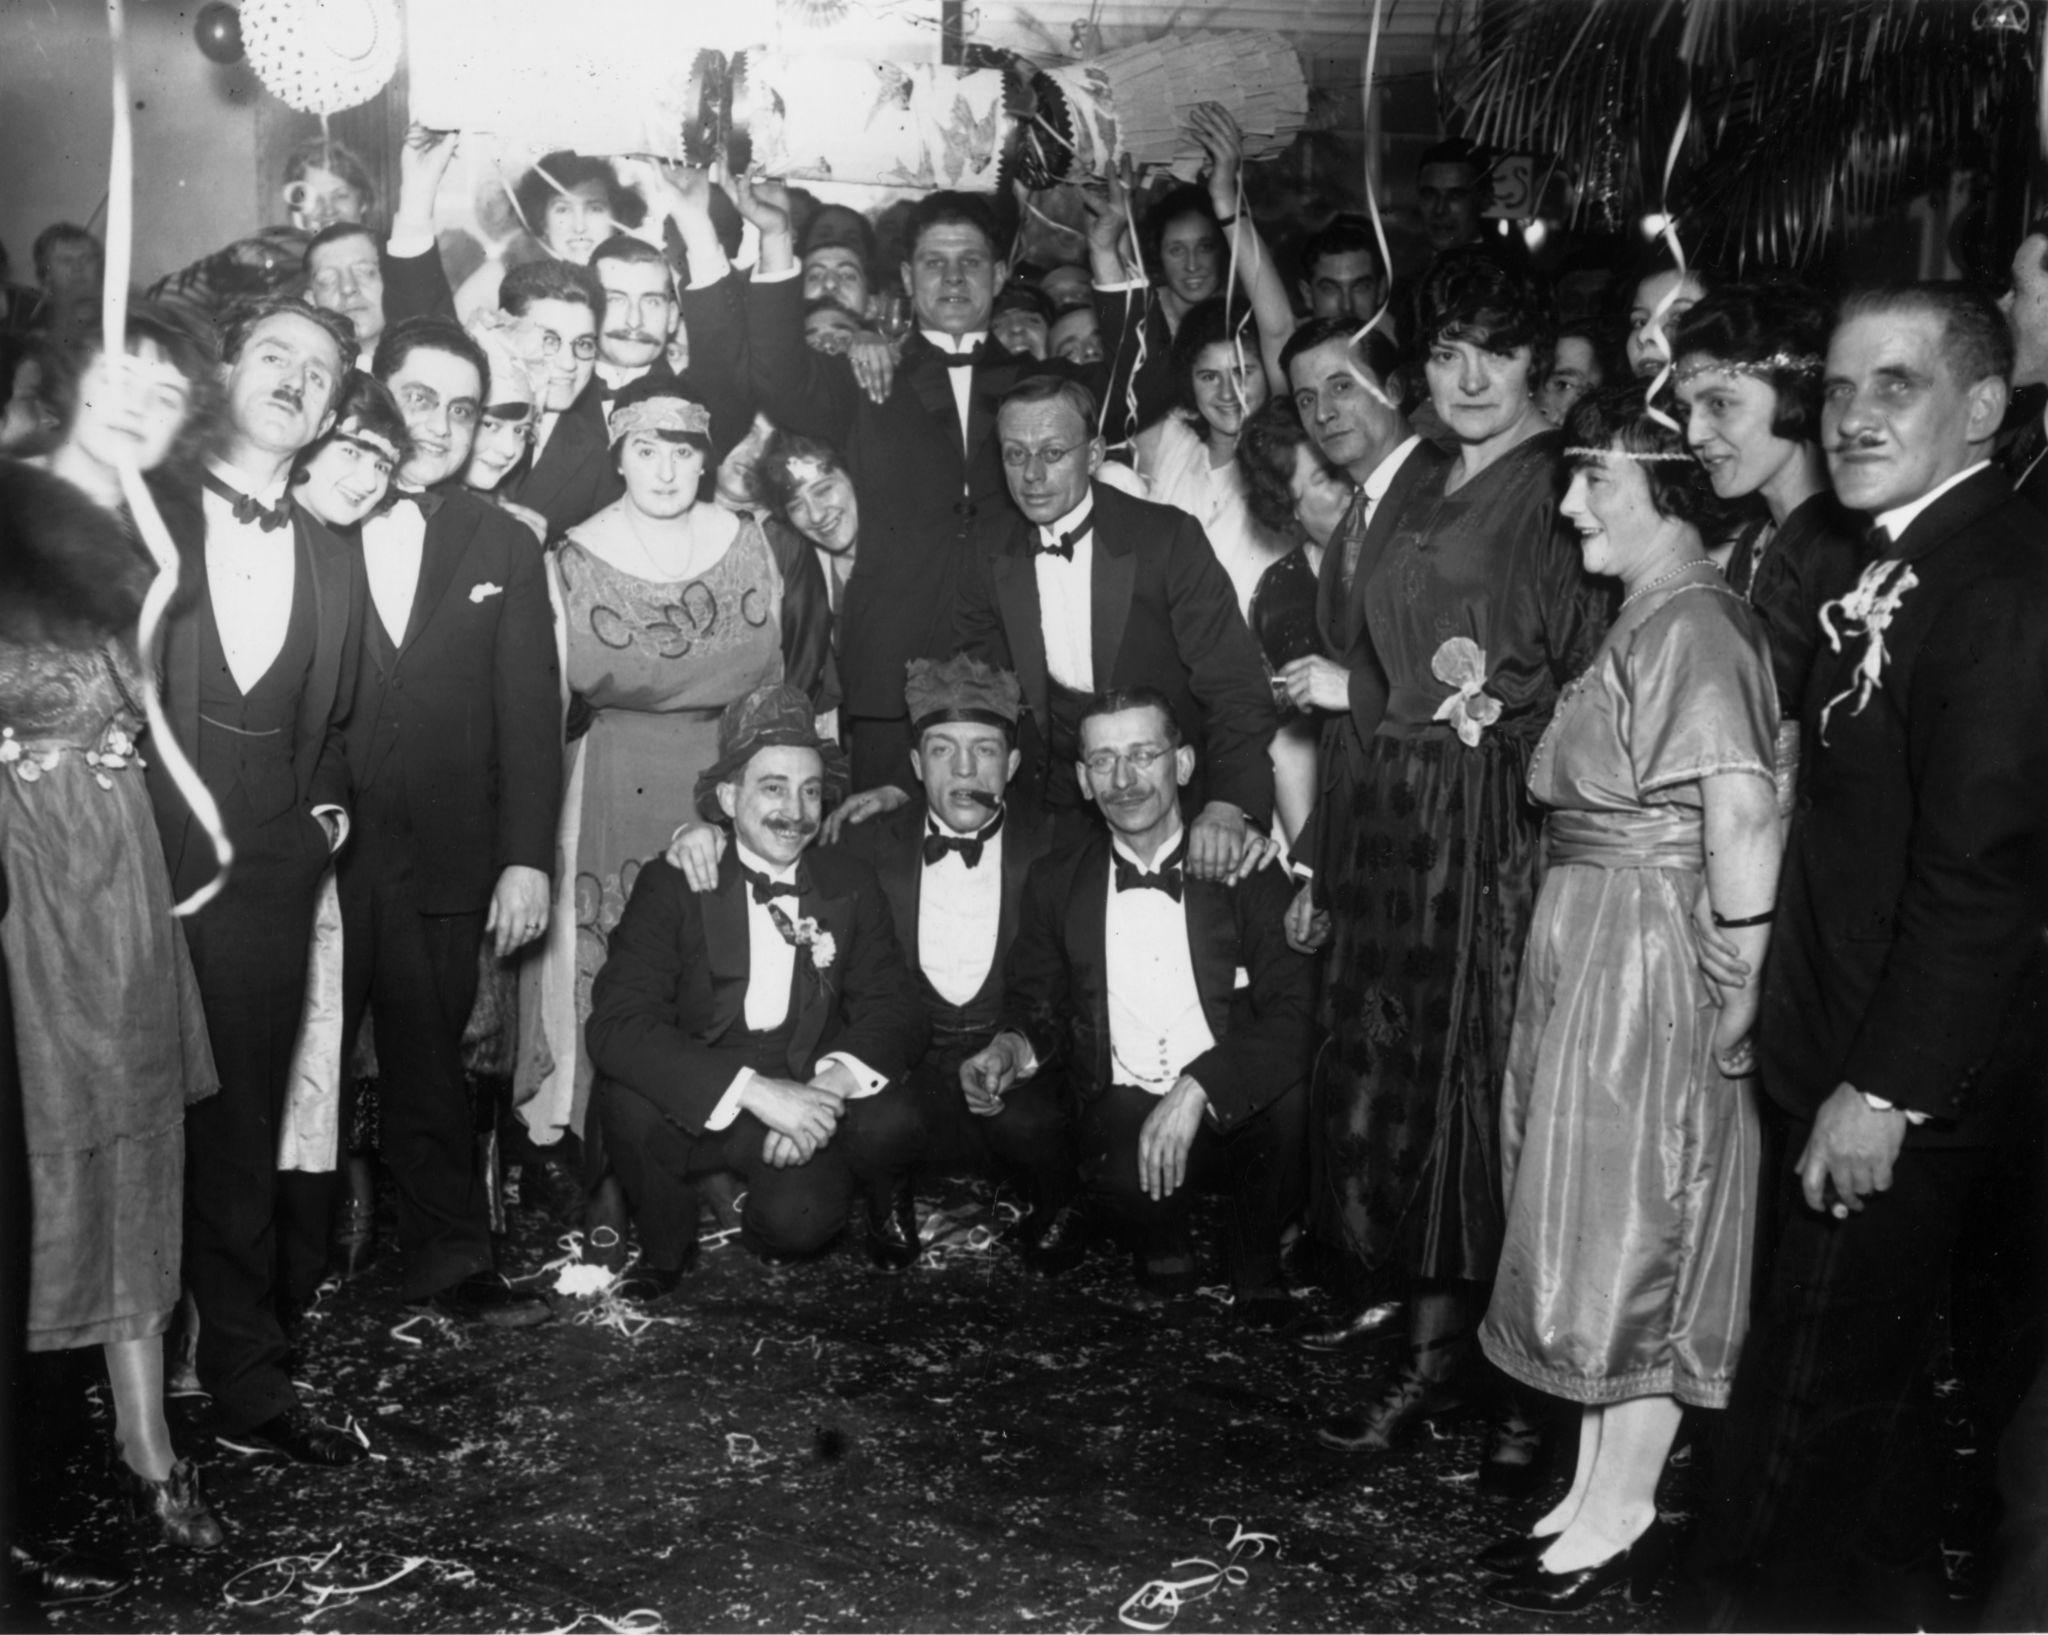 1922. Новогодние гуляки в Спортивном клубе на мгновение останавливают вечеринку, чтобы запечатлеть событие для потомков.jpg